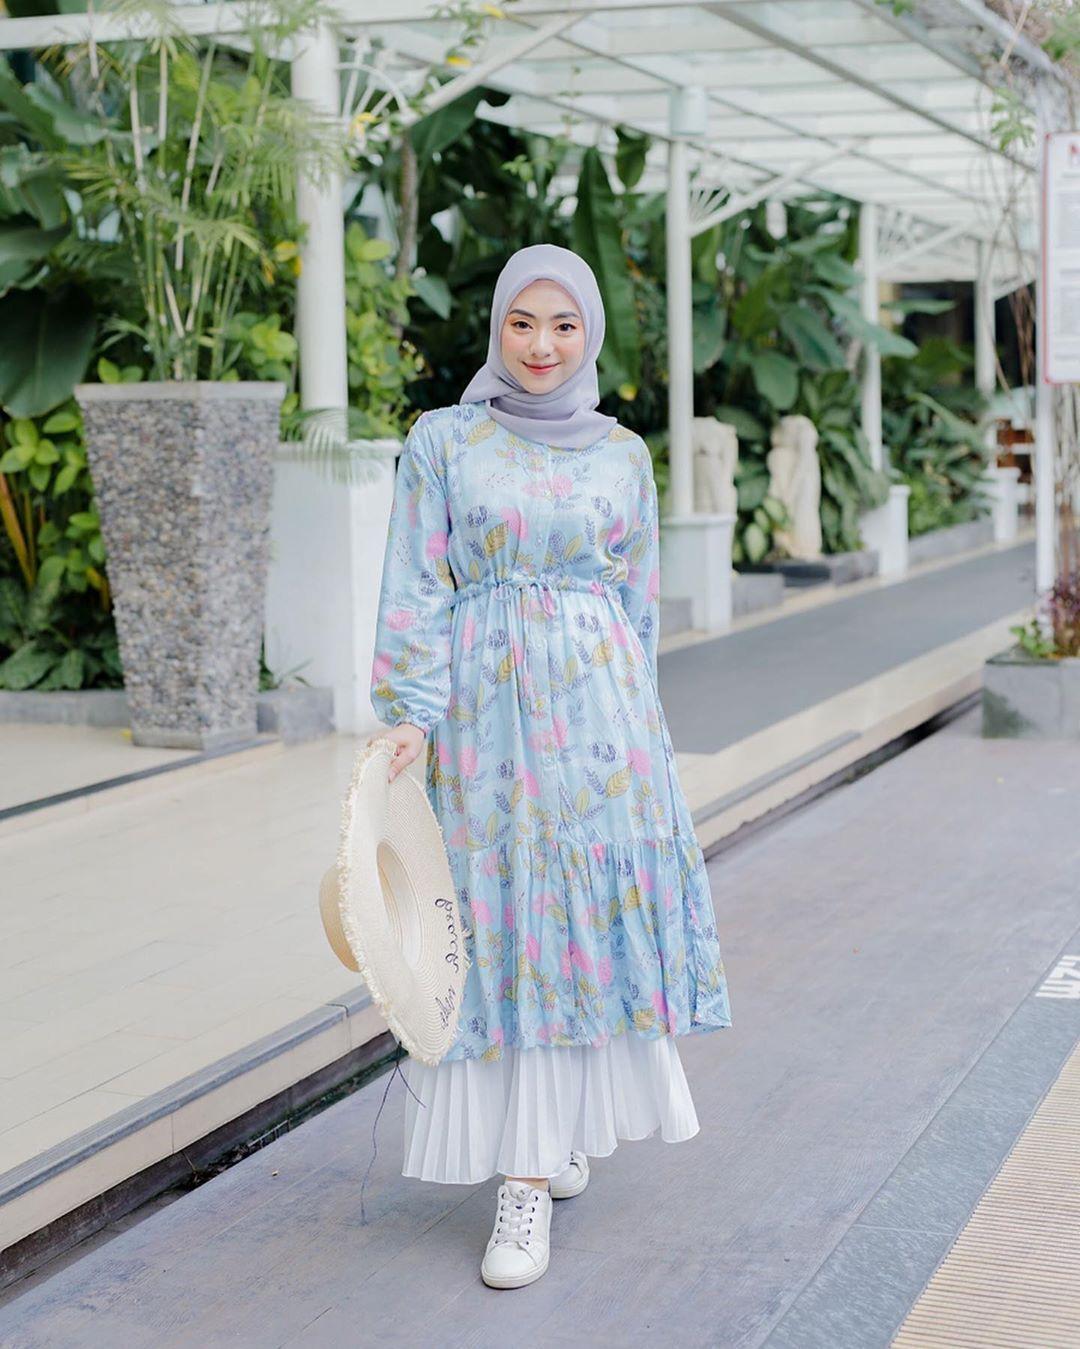 Puspita Rahayu Di Instagram Tidak Ada Orang Yg Menghalangi Langkah Suksesmu Hanya Orang Itu Menjadi Pel Di 2020 Pakaian Feminin Model Pakaian Hijab Gaya Berpakaian